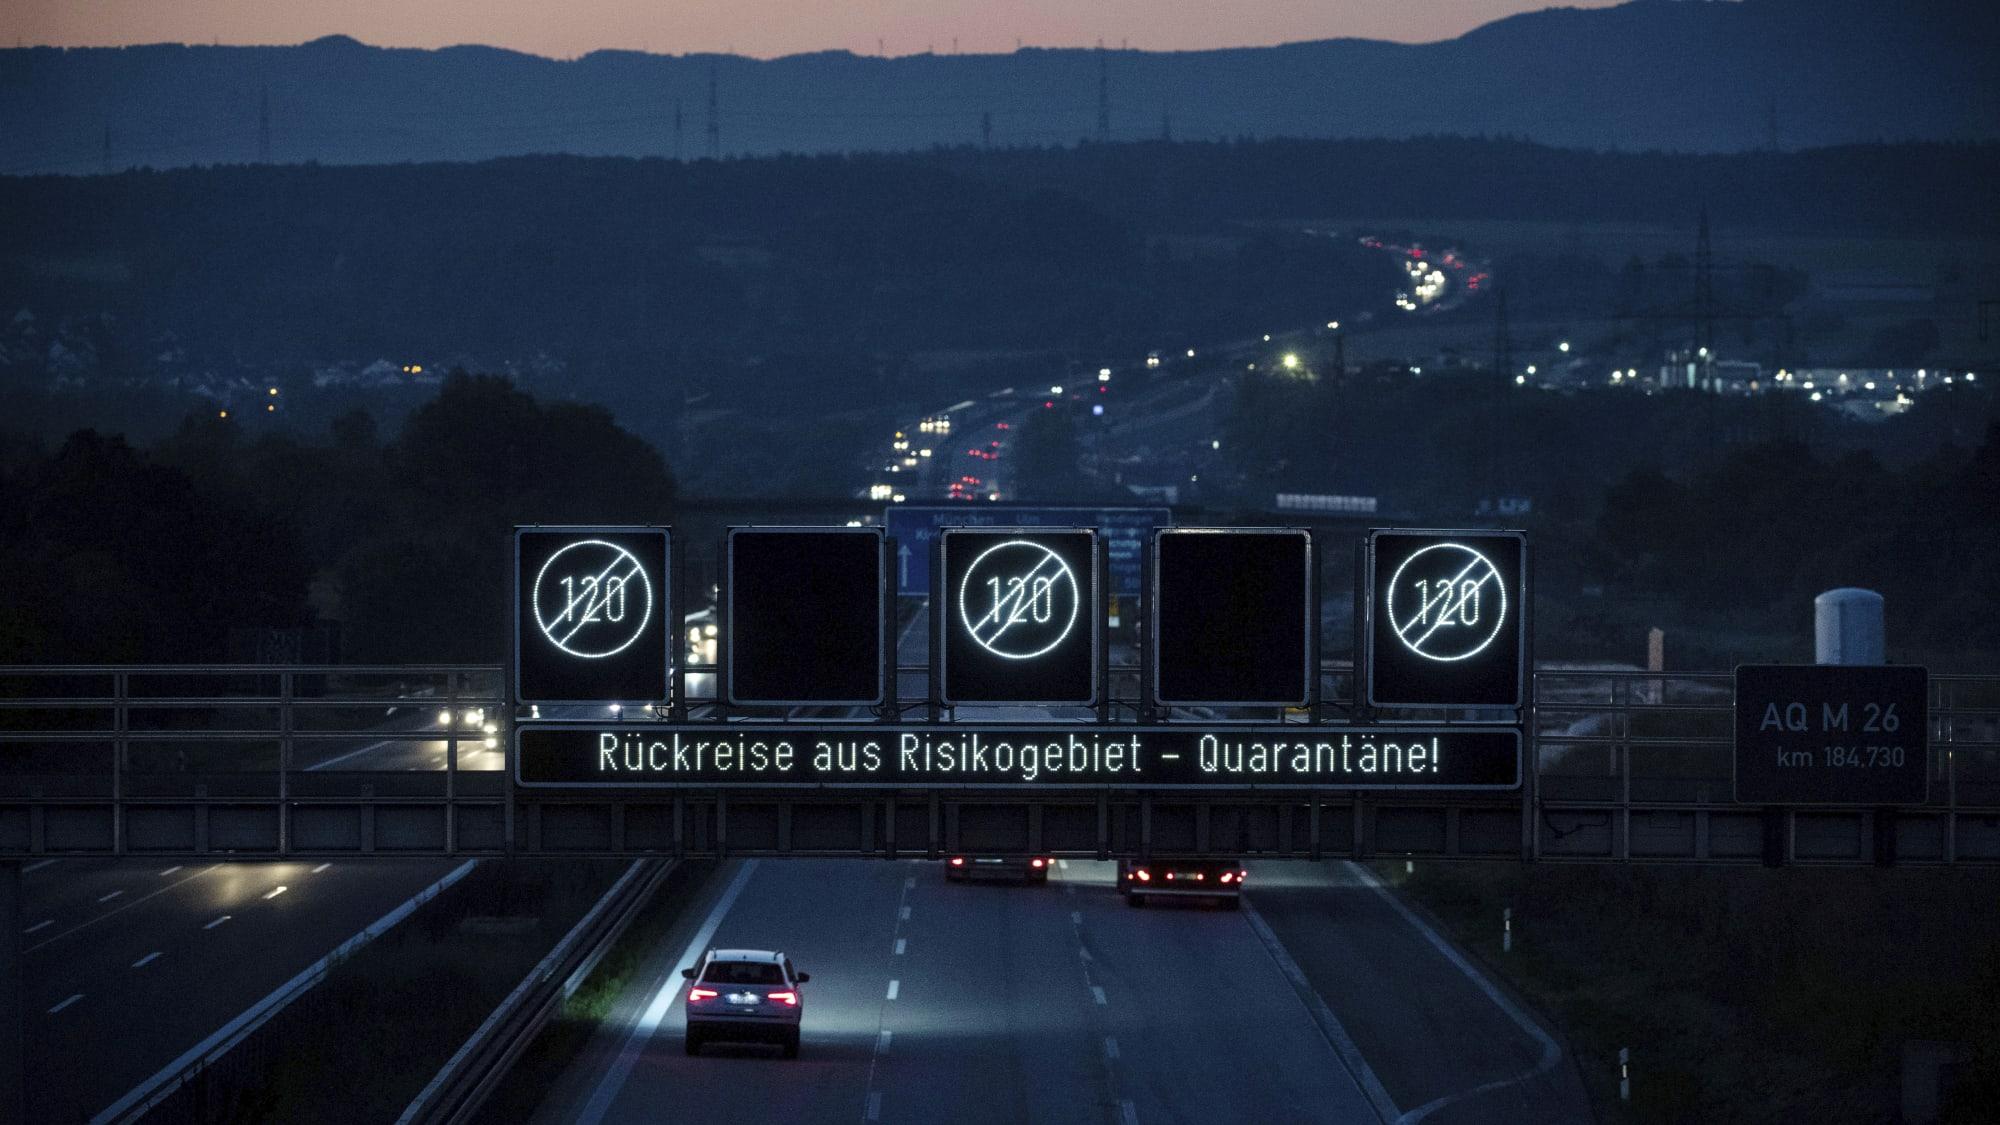 """Autobahn mit Hinweis-Leuchttafel: """"Rückreise aus Risikogebiet - Quarantäne"""", über der Fahrbahn, in der Dämmerung."""